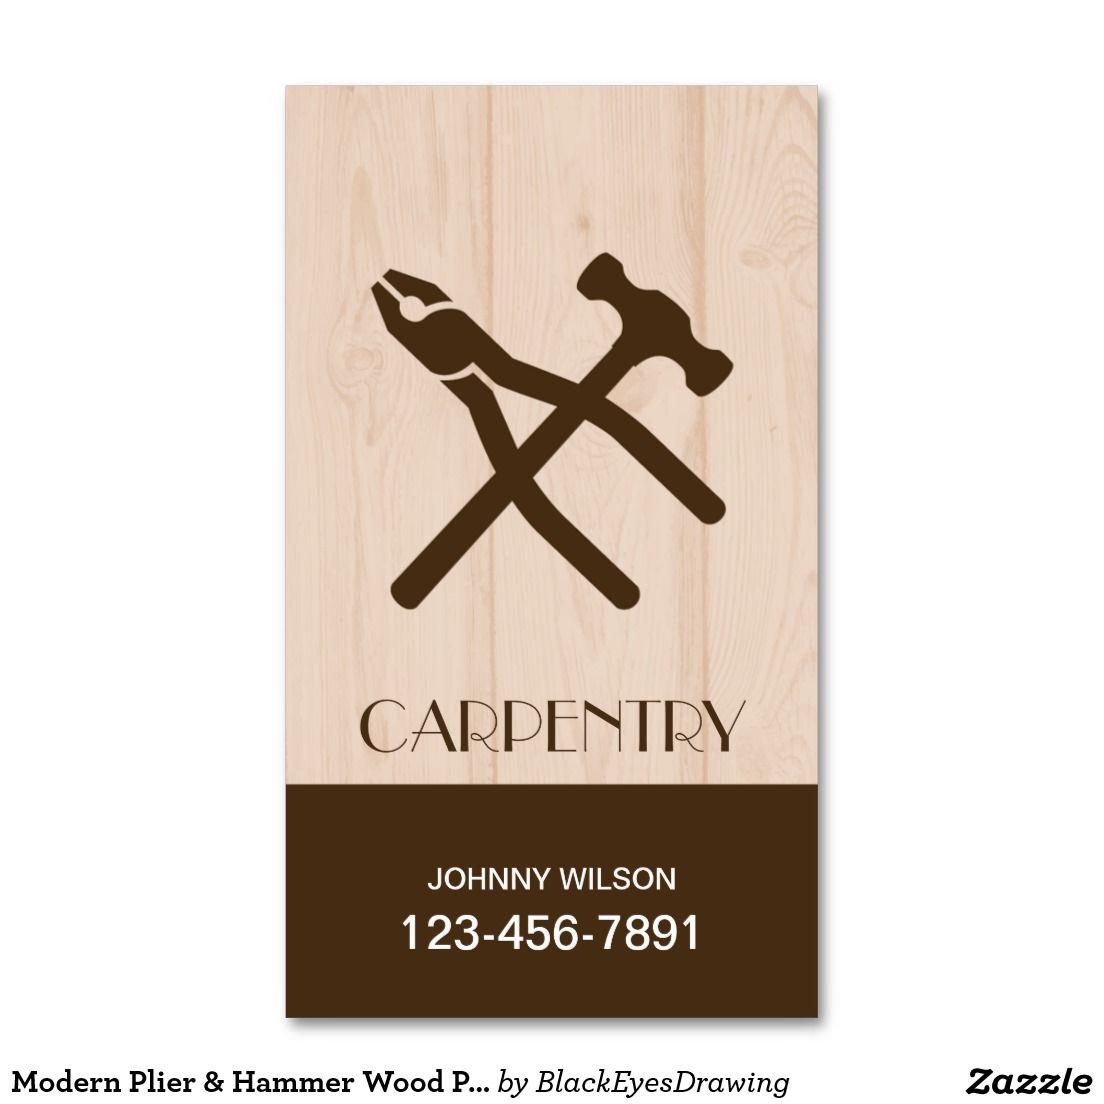 Modern plier hammer wood plate construction business card modern plier hammer wood plate construction business card reheart Gallery